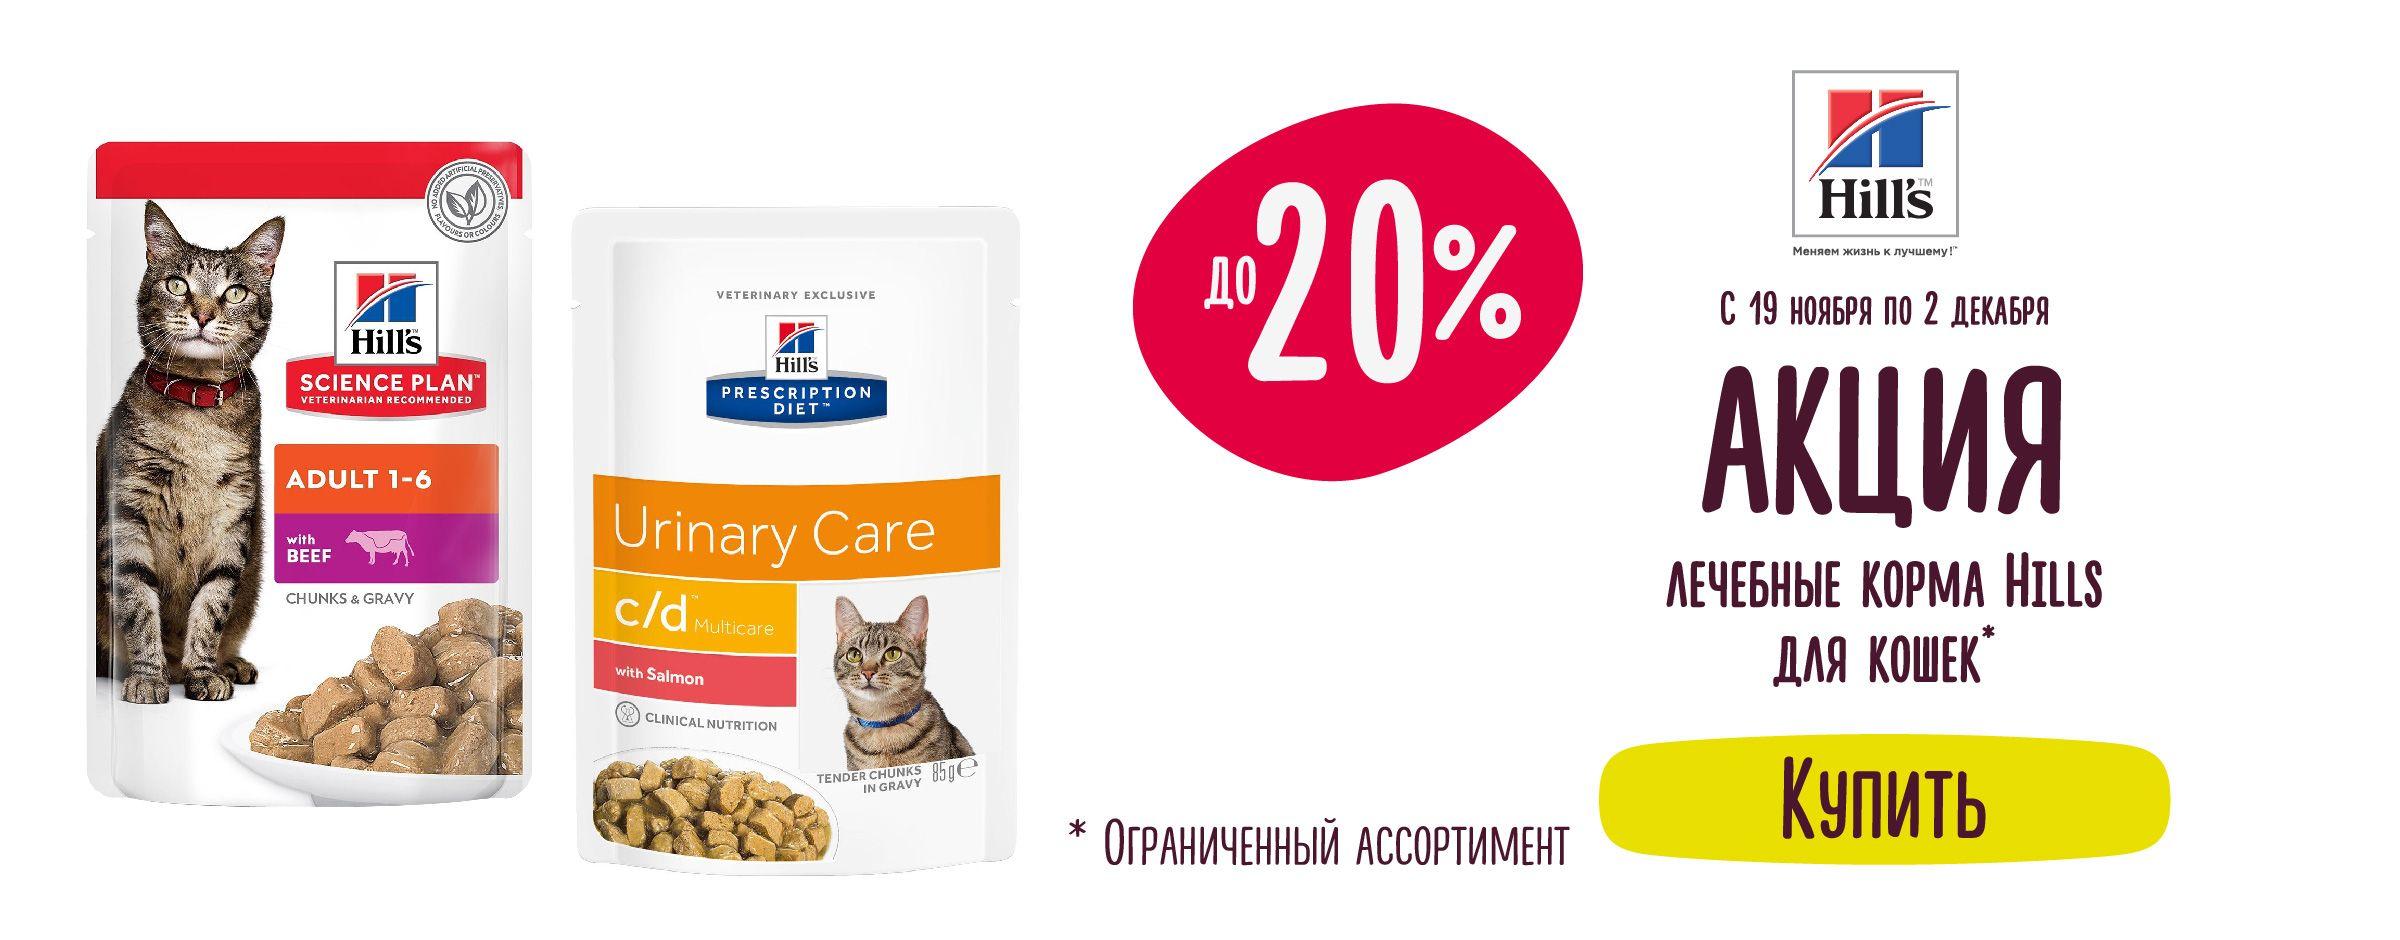 Скидка до 15% на лечебные корма Hills для кошек == Листовка 23